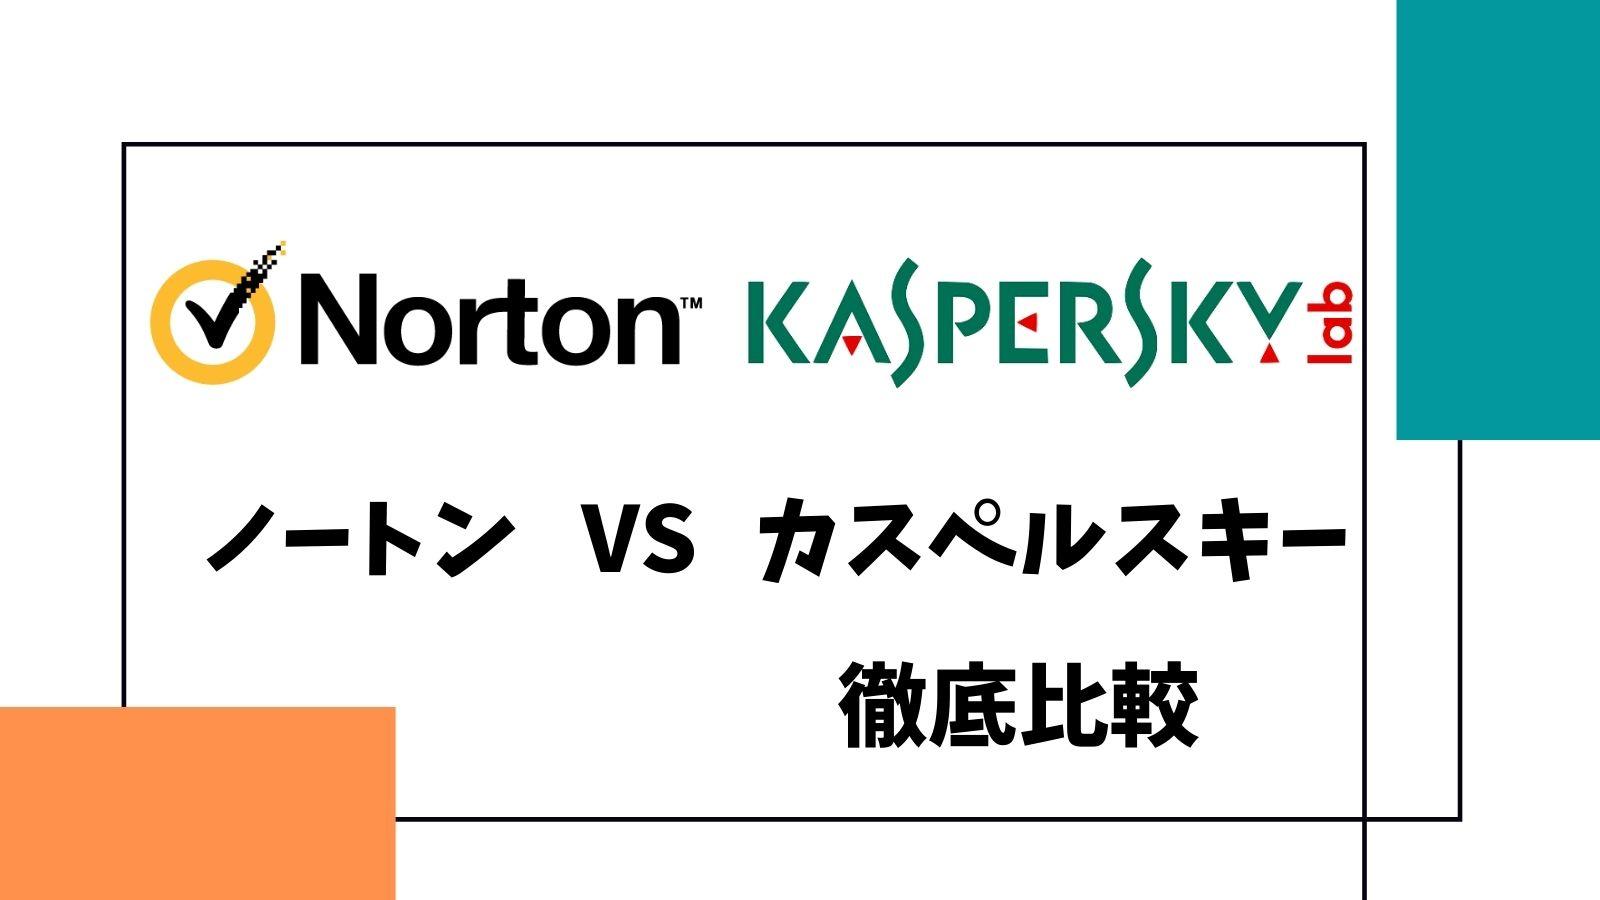 【2020最新版】ノートンとカスペルスキーの比較!ポイント別におすすめを紹介